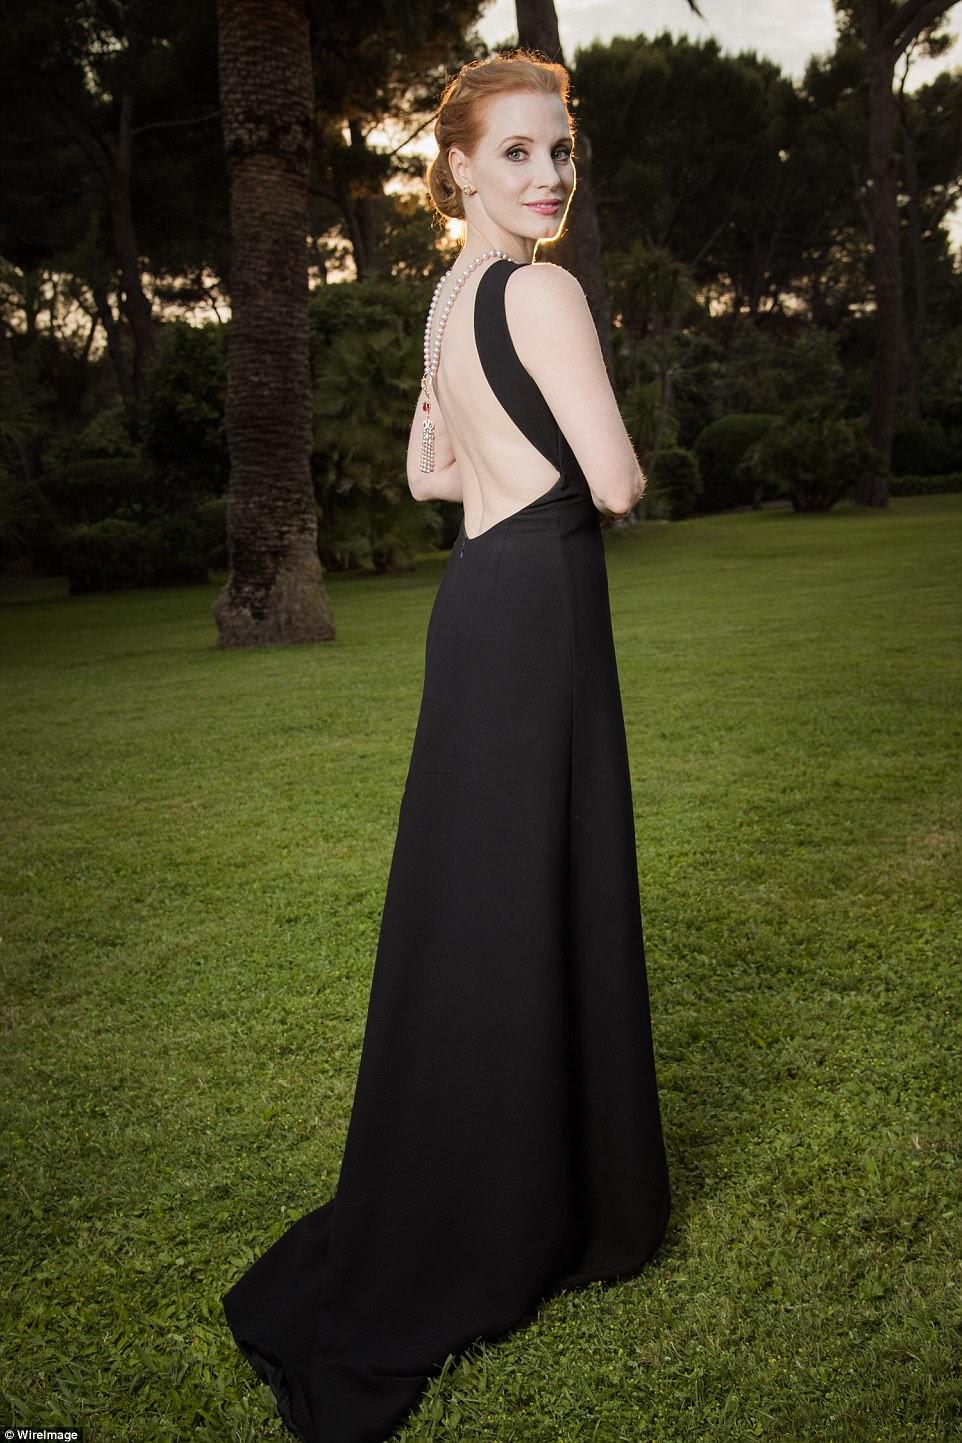 Glowing: Jessica Chastain olhou elegante em um assoalho-varrendo vestido preto com um colar de pérolas